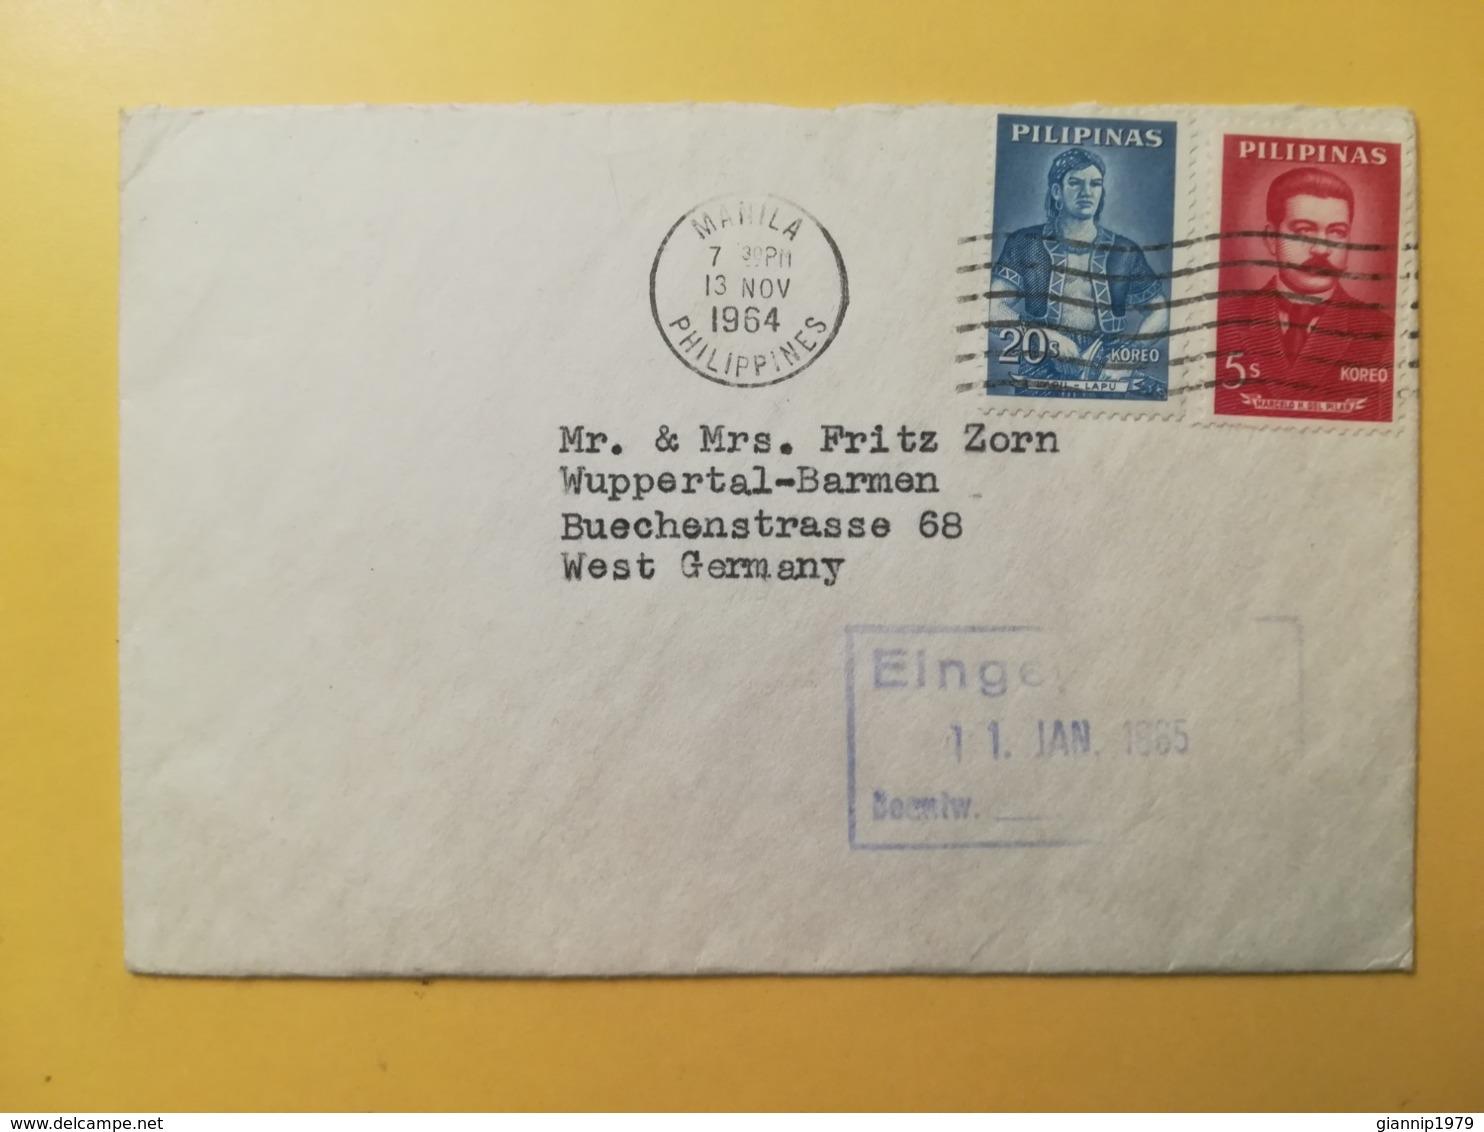 1964 BUSTA STORIA POSTALE FILIPPINE PHILIPPINE BOLLO MARCELO H. DEL PILAR LAPU LAPU ANNULLO MANILA OBLITERE' TIMBRO - Filippine